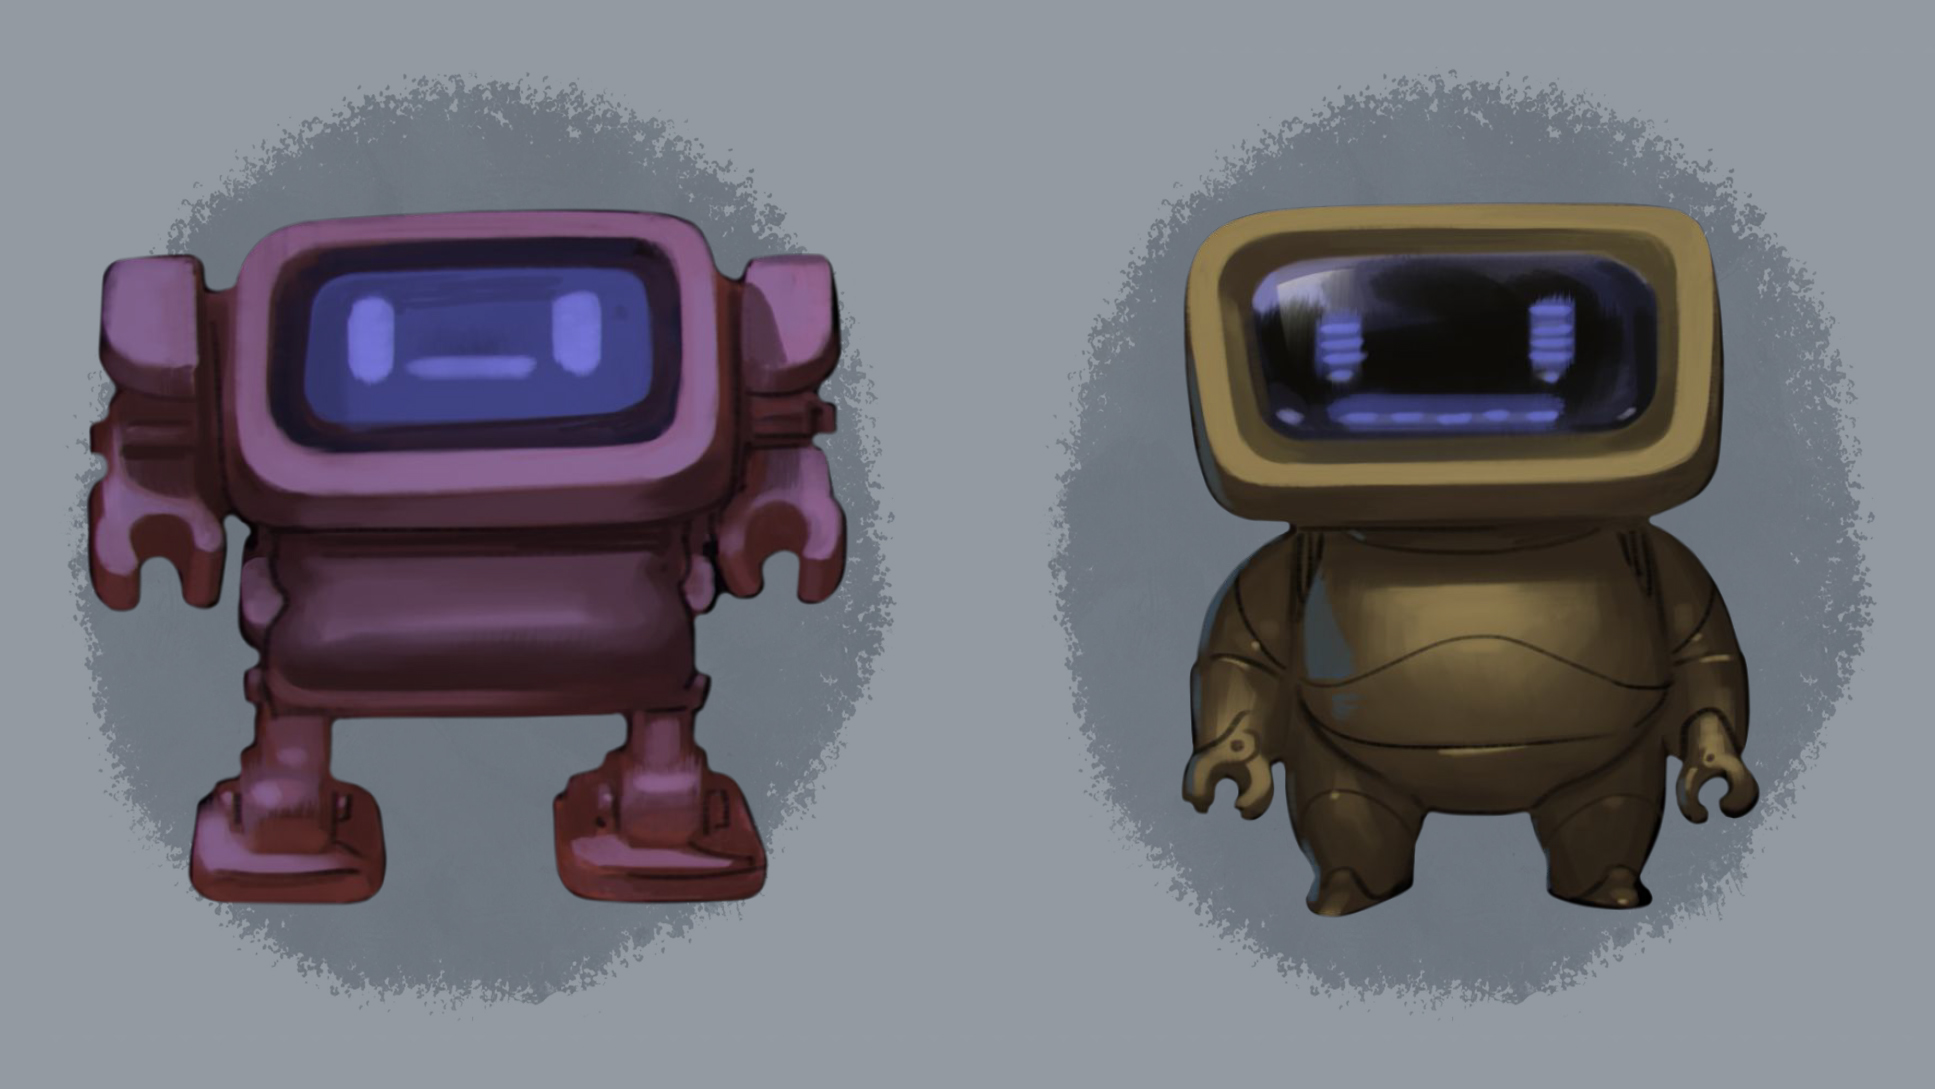 PinkMirror_Robot_2.jpg